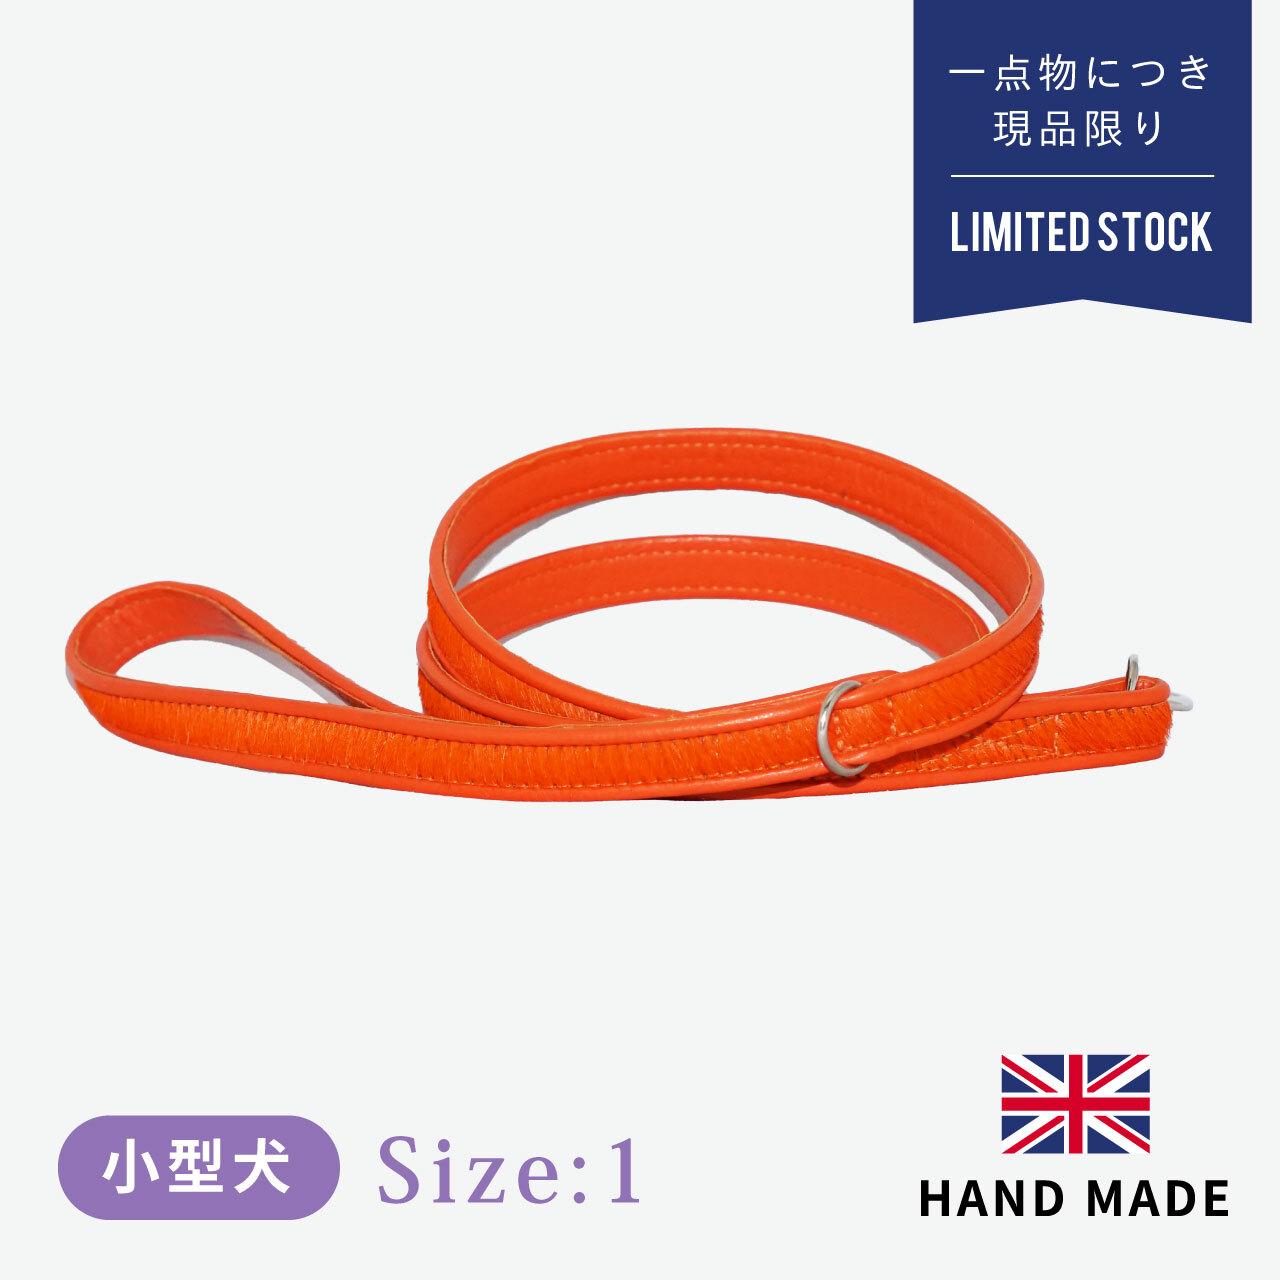 ホリー&リル ブライトサイド オレンジ リード 幅:1.5cm